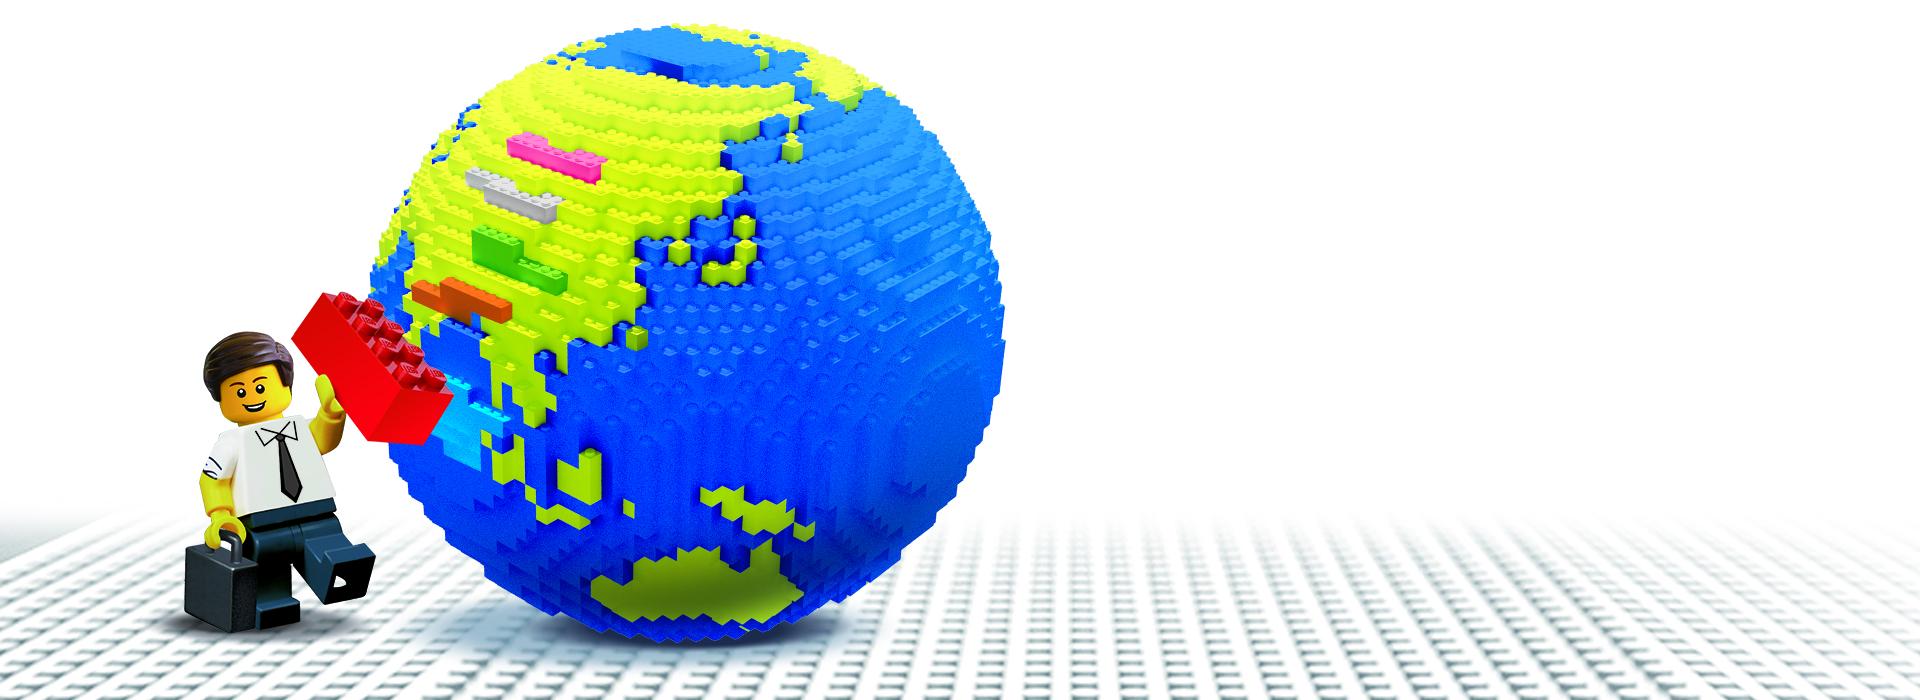 科技4.0時代來臨 掌握資訊力讓專業加值